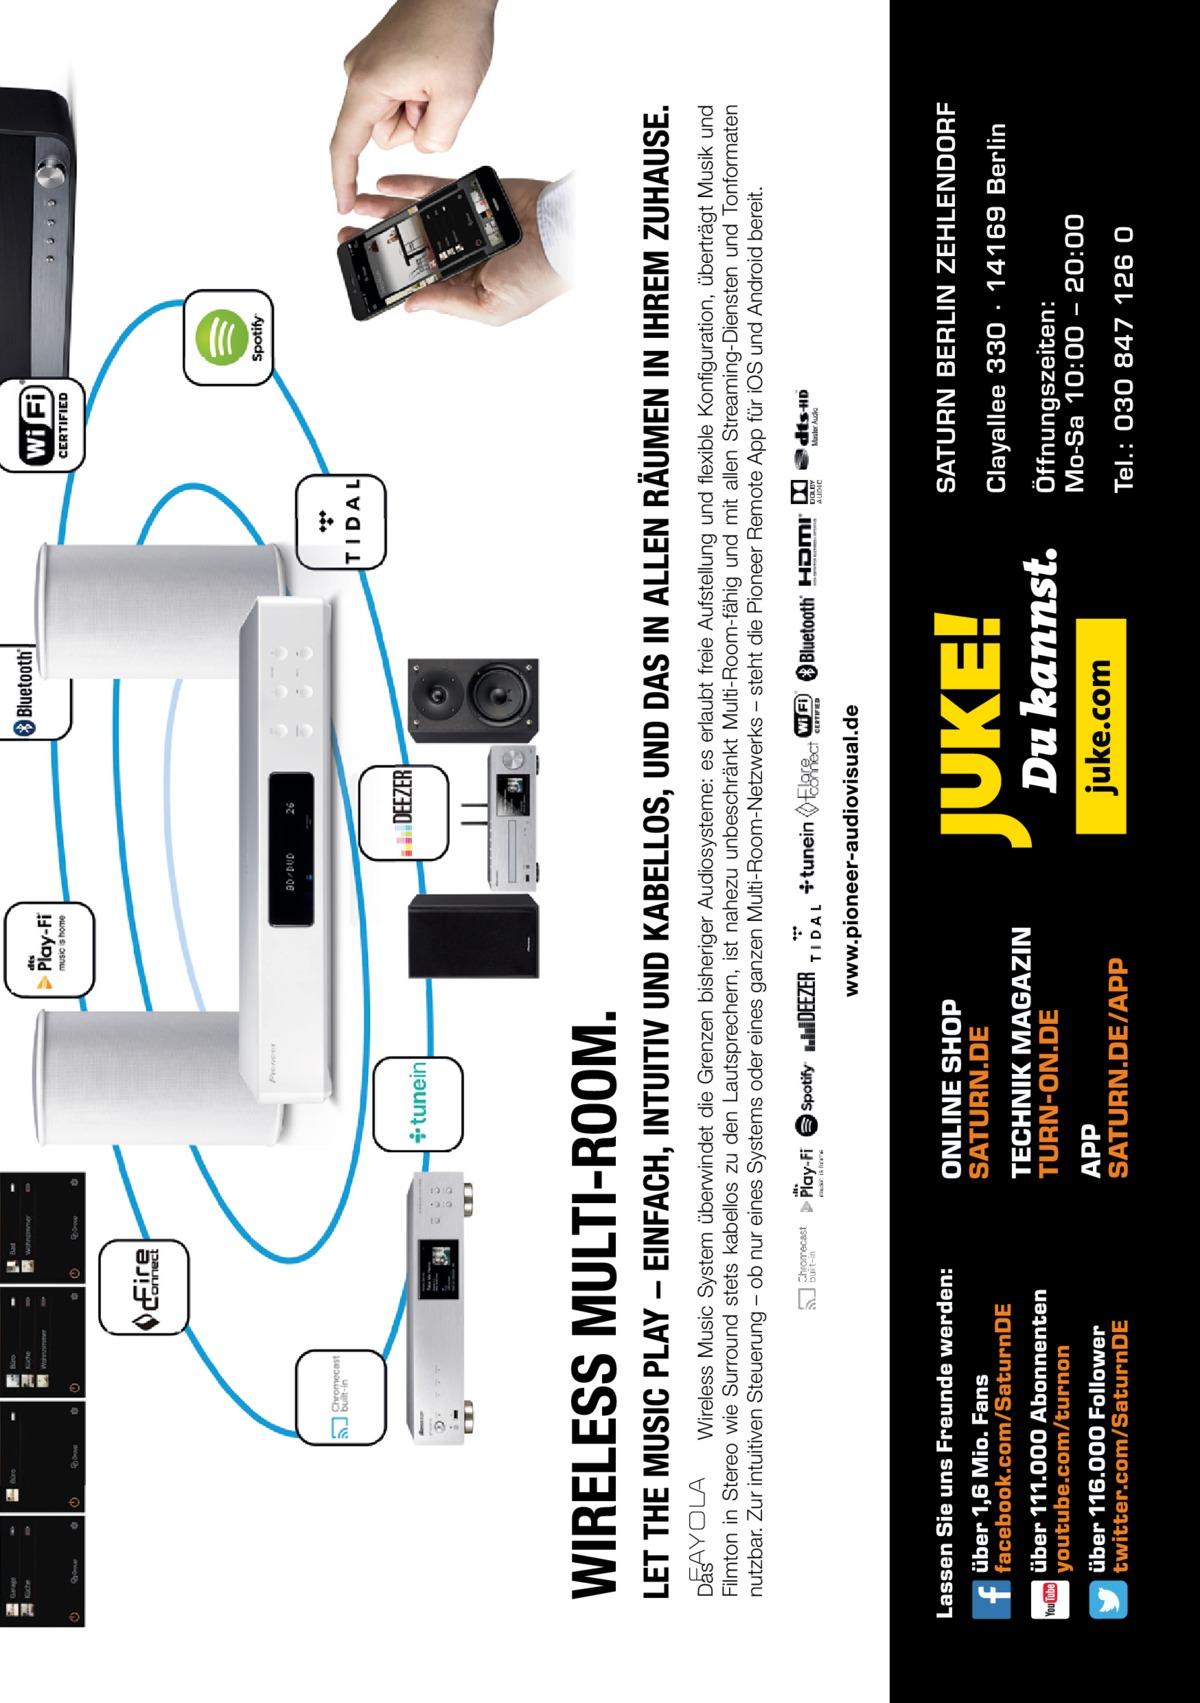 Tel.: 030 847 126 0  Öffnungszeiten: Mo-Sa 10:00 – 20:00  Clayallee 330 ∙ 14169Berlin  SATURN BERLIN ZEHLENDORF  Das Wireless Music System überwindet die Grenzen bisheriger Audiosysteme: es erlaubt freie Aufstellung und flexible Konfiguration, überträgt Musik und Filmton in Stereo wie Surround stets kabellos zu den Lautsprechern, ist nahezu unbeschränkt Multi-Room-fähig und mit allen Streaming-Diensten und Tonformaten nutzbar. Zur intuitiven Steuerung – ob nur eines Systems oder eines ganzen Multi-Room-Netzwerks – steht die Pioneer Remote App für iOS und Android bereit.